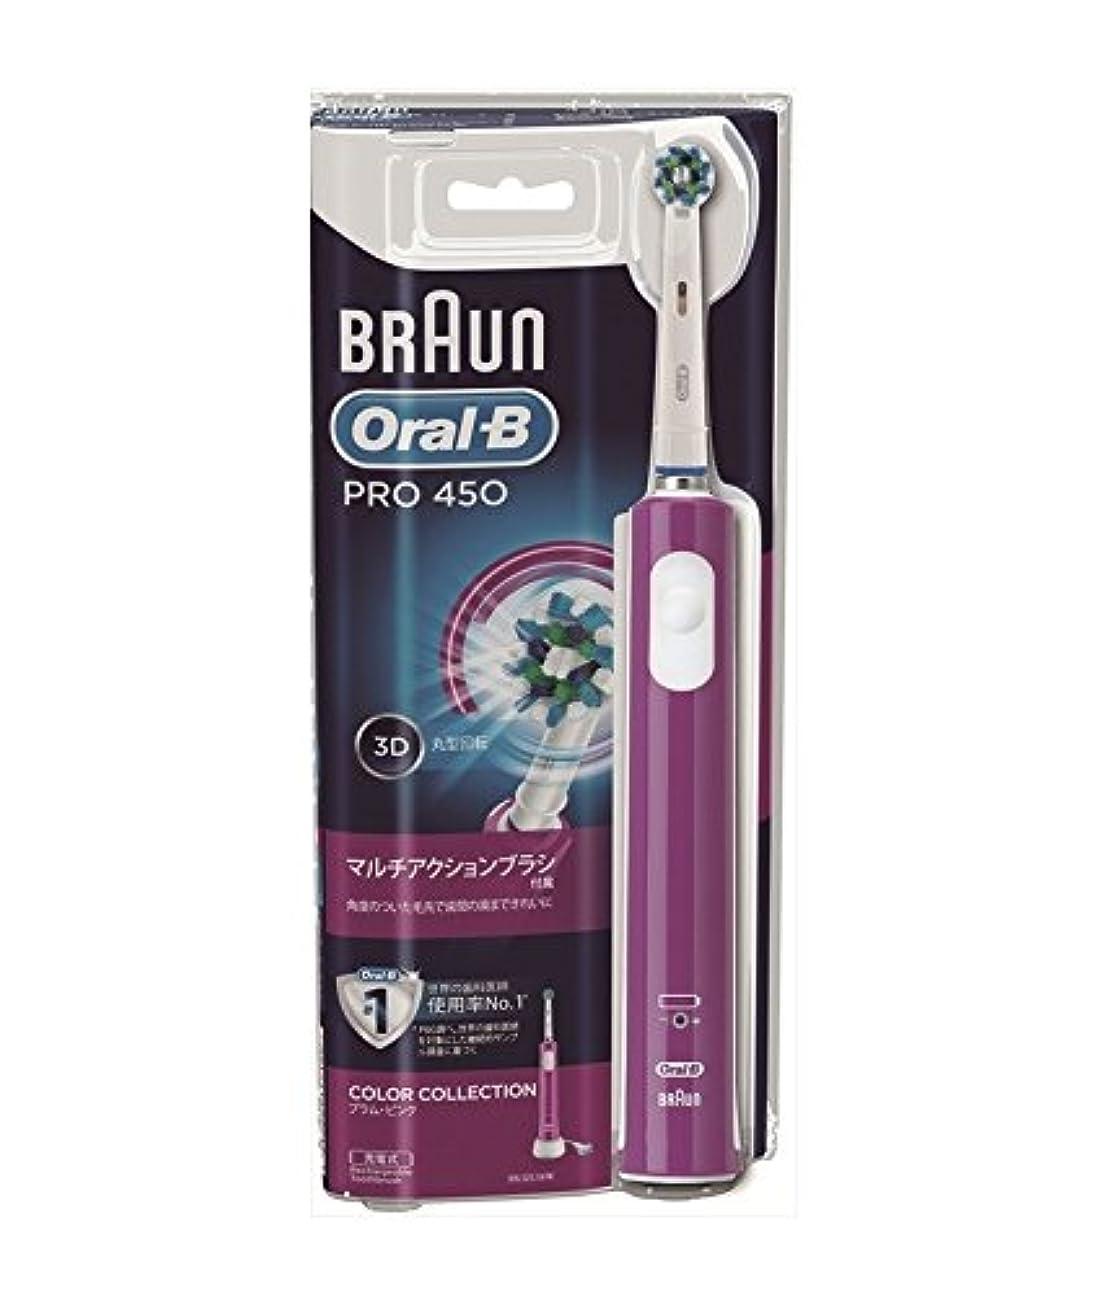 基準ディベート人工ブラウン オーラルB 電動歯ブラシ PRO450 プラムピンク